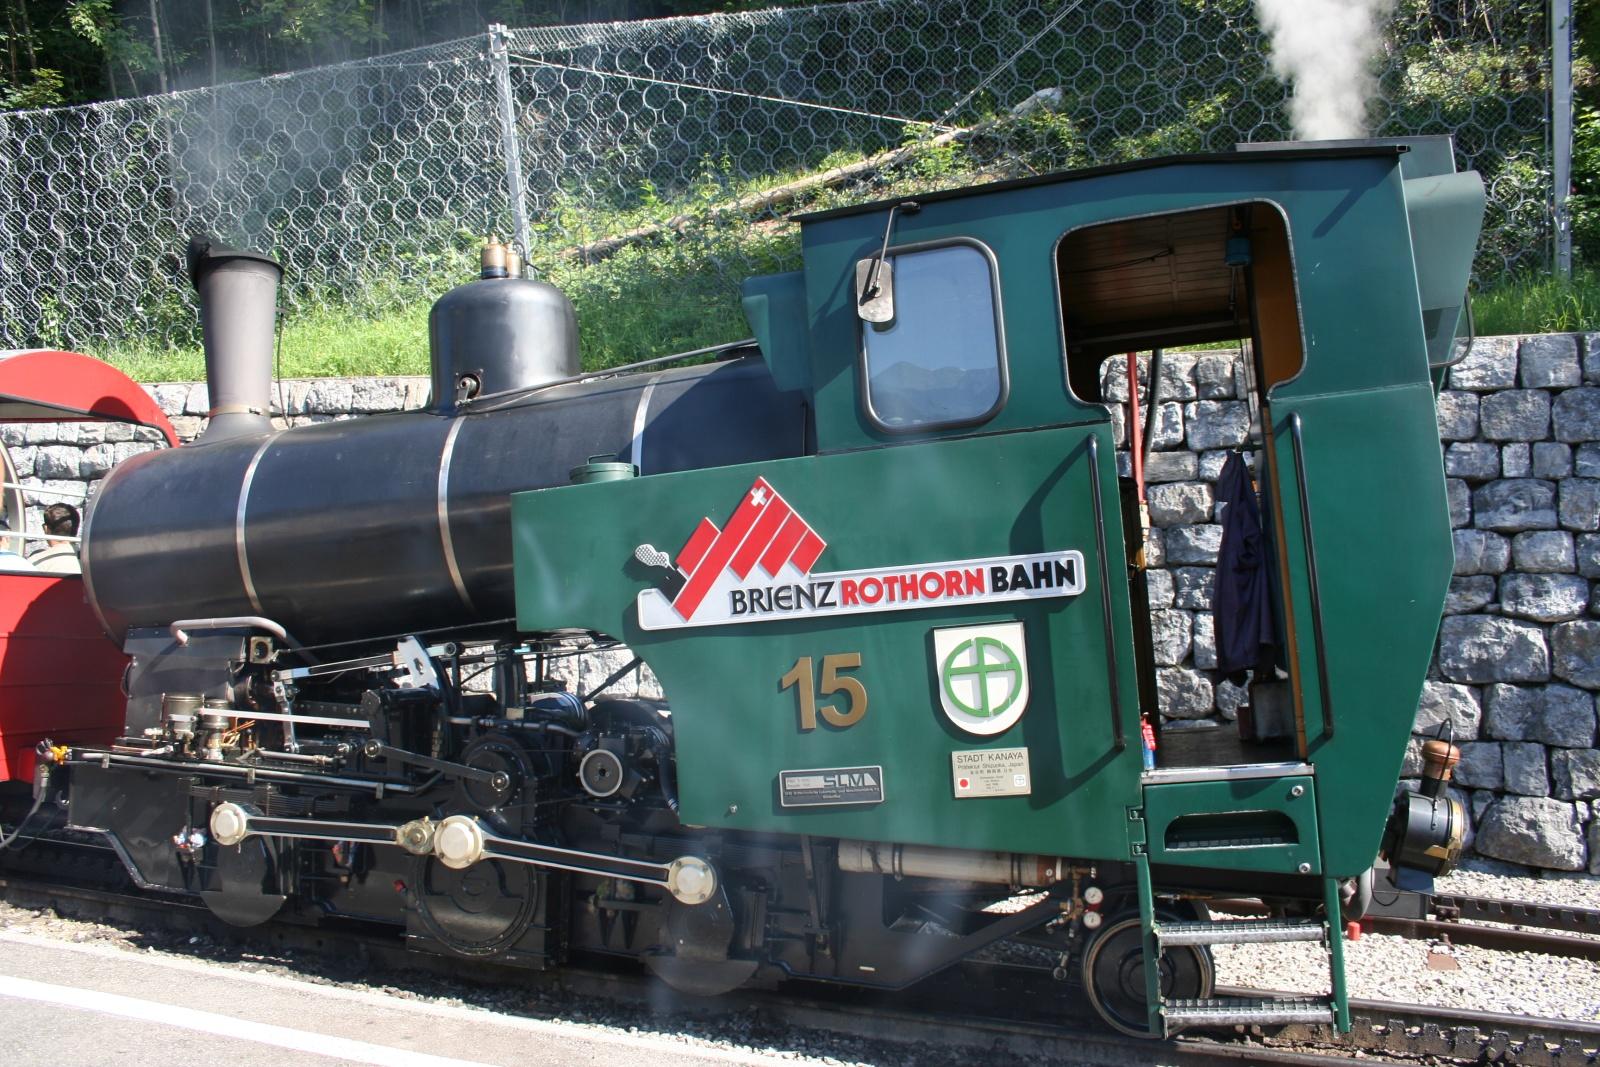 BRIENZ - Fantastica ferrovia in mezzo al verde della montagna